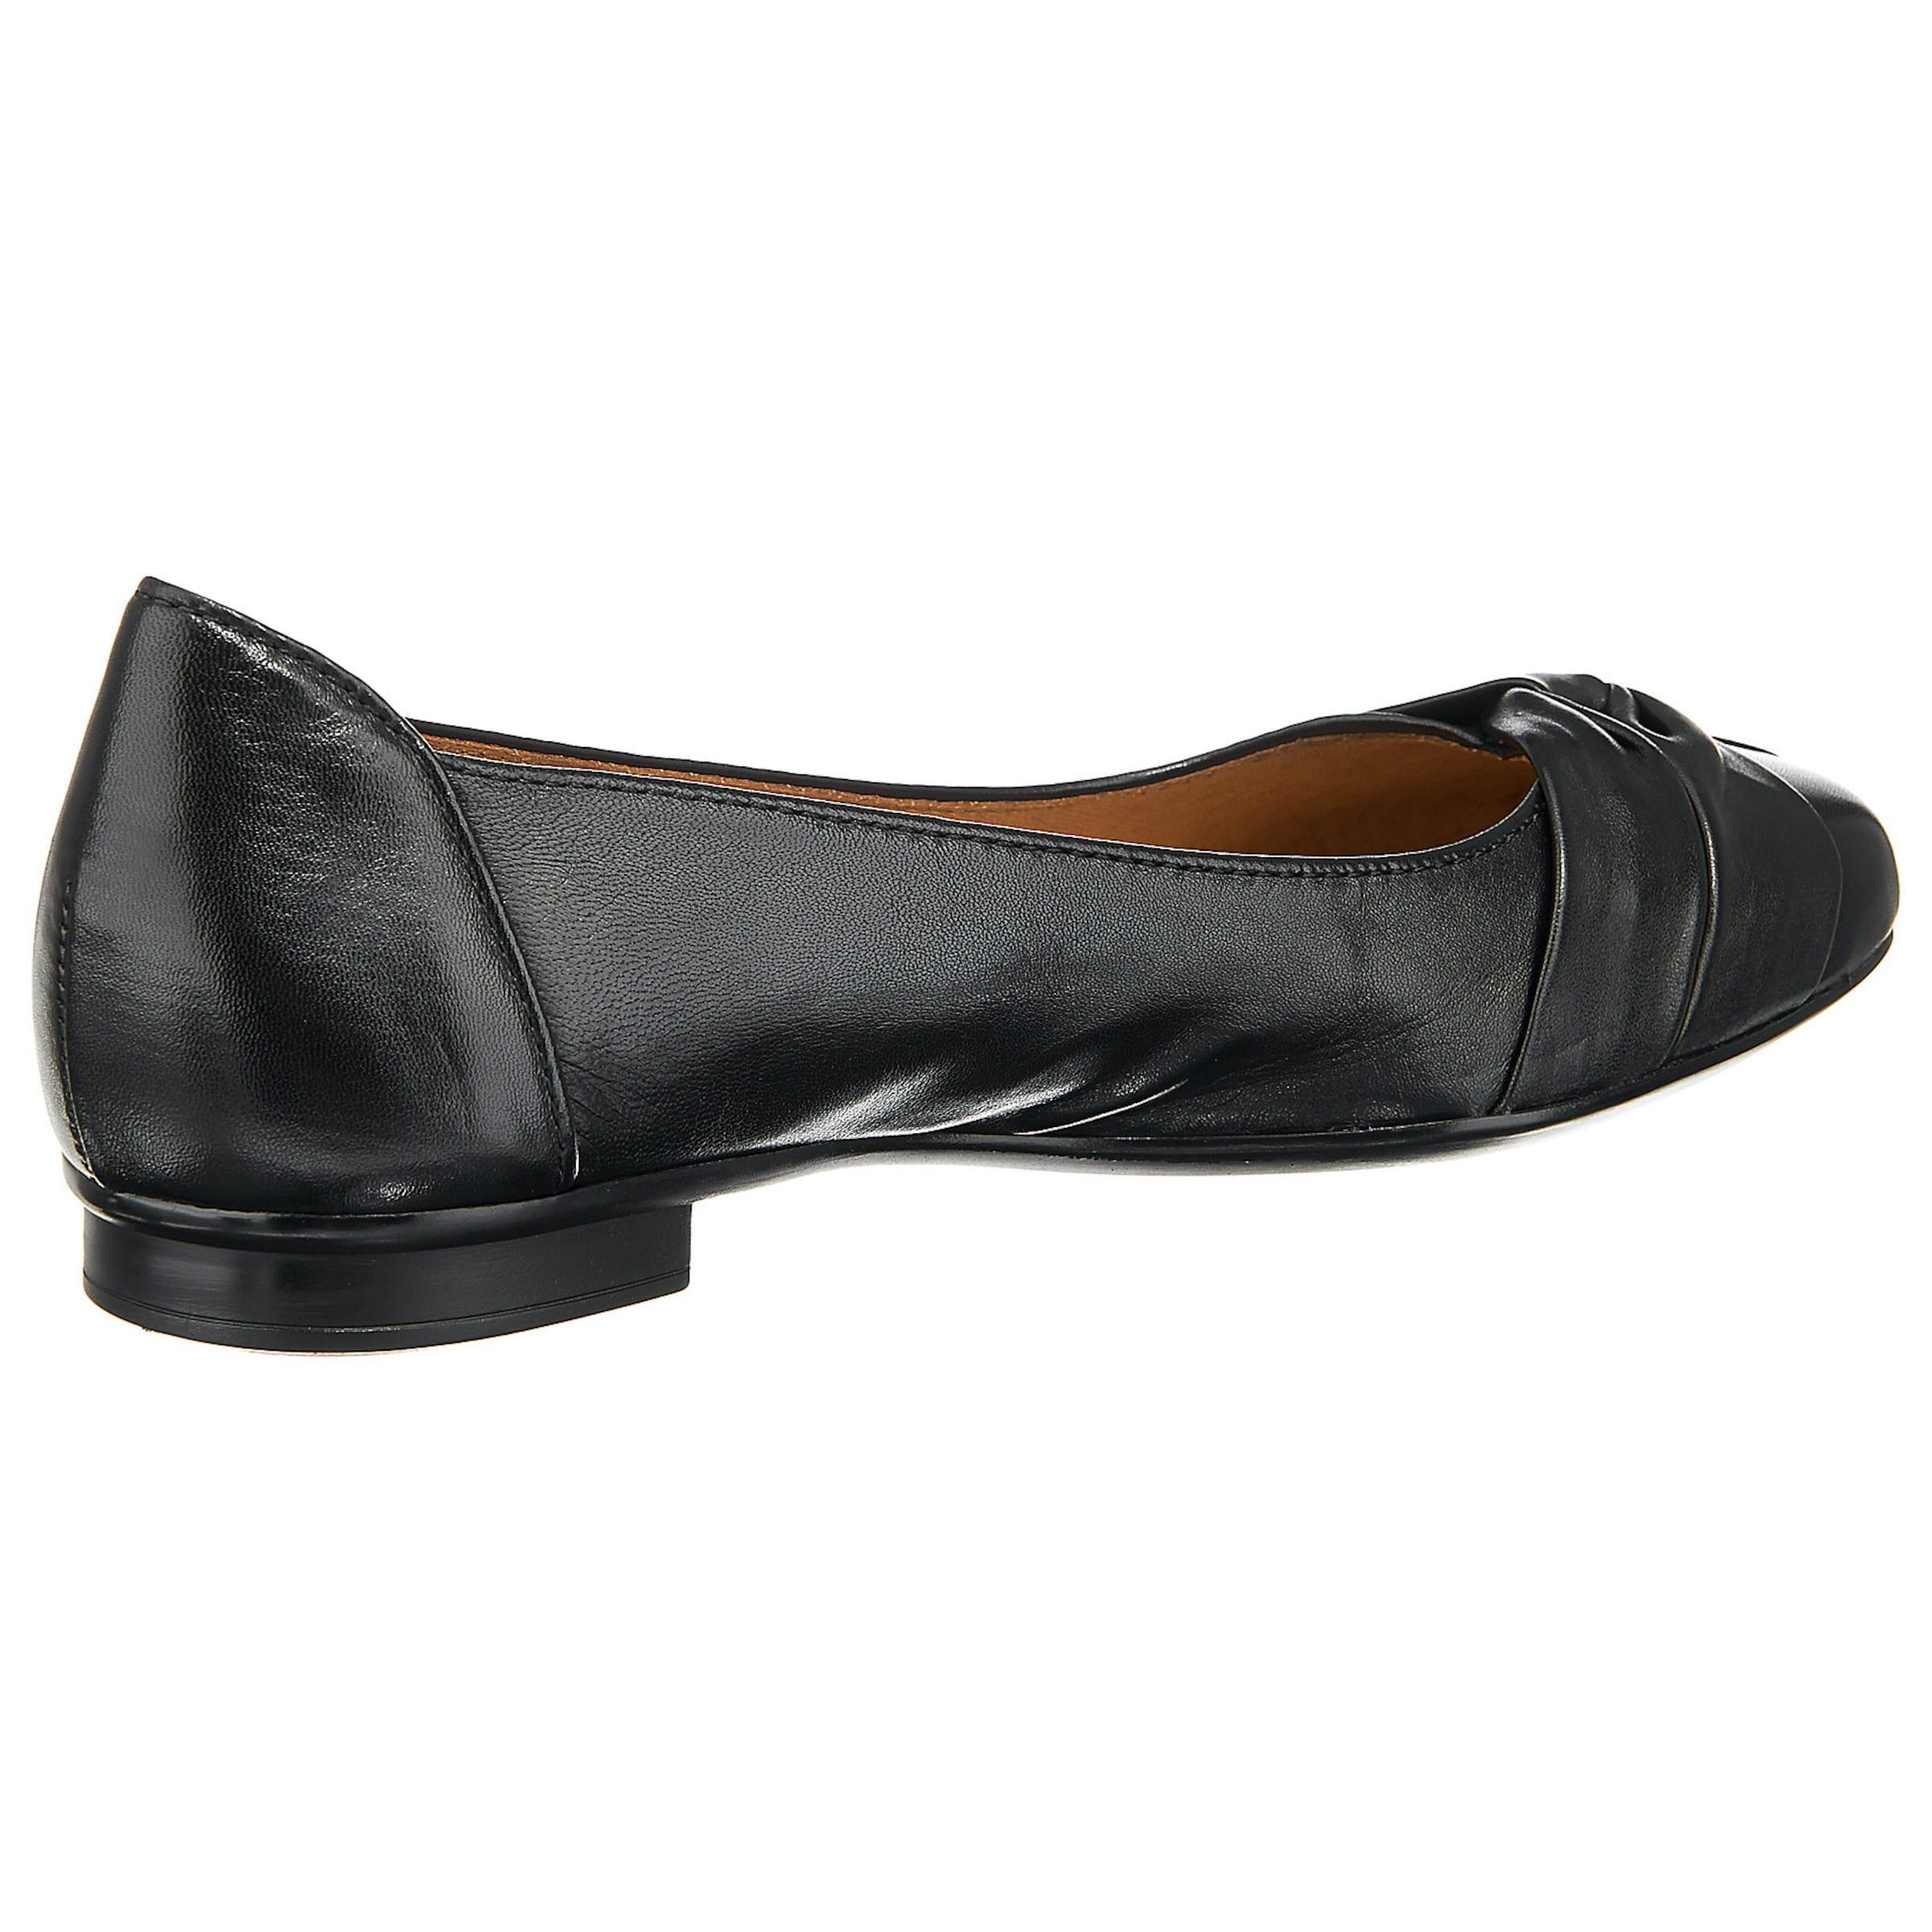 GABOR Ballerinas Leder Verkaufen Verkaufen Verkaufen Sie saisonale Aktionen 27e970